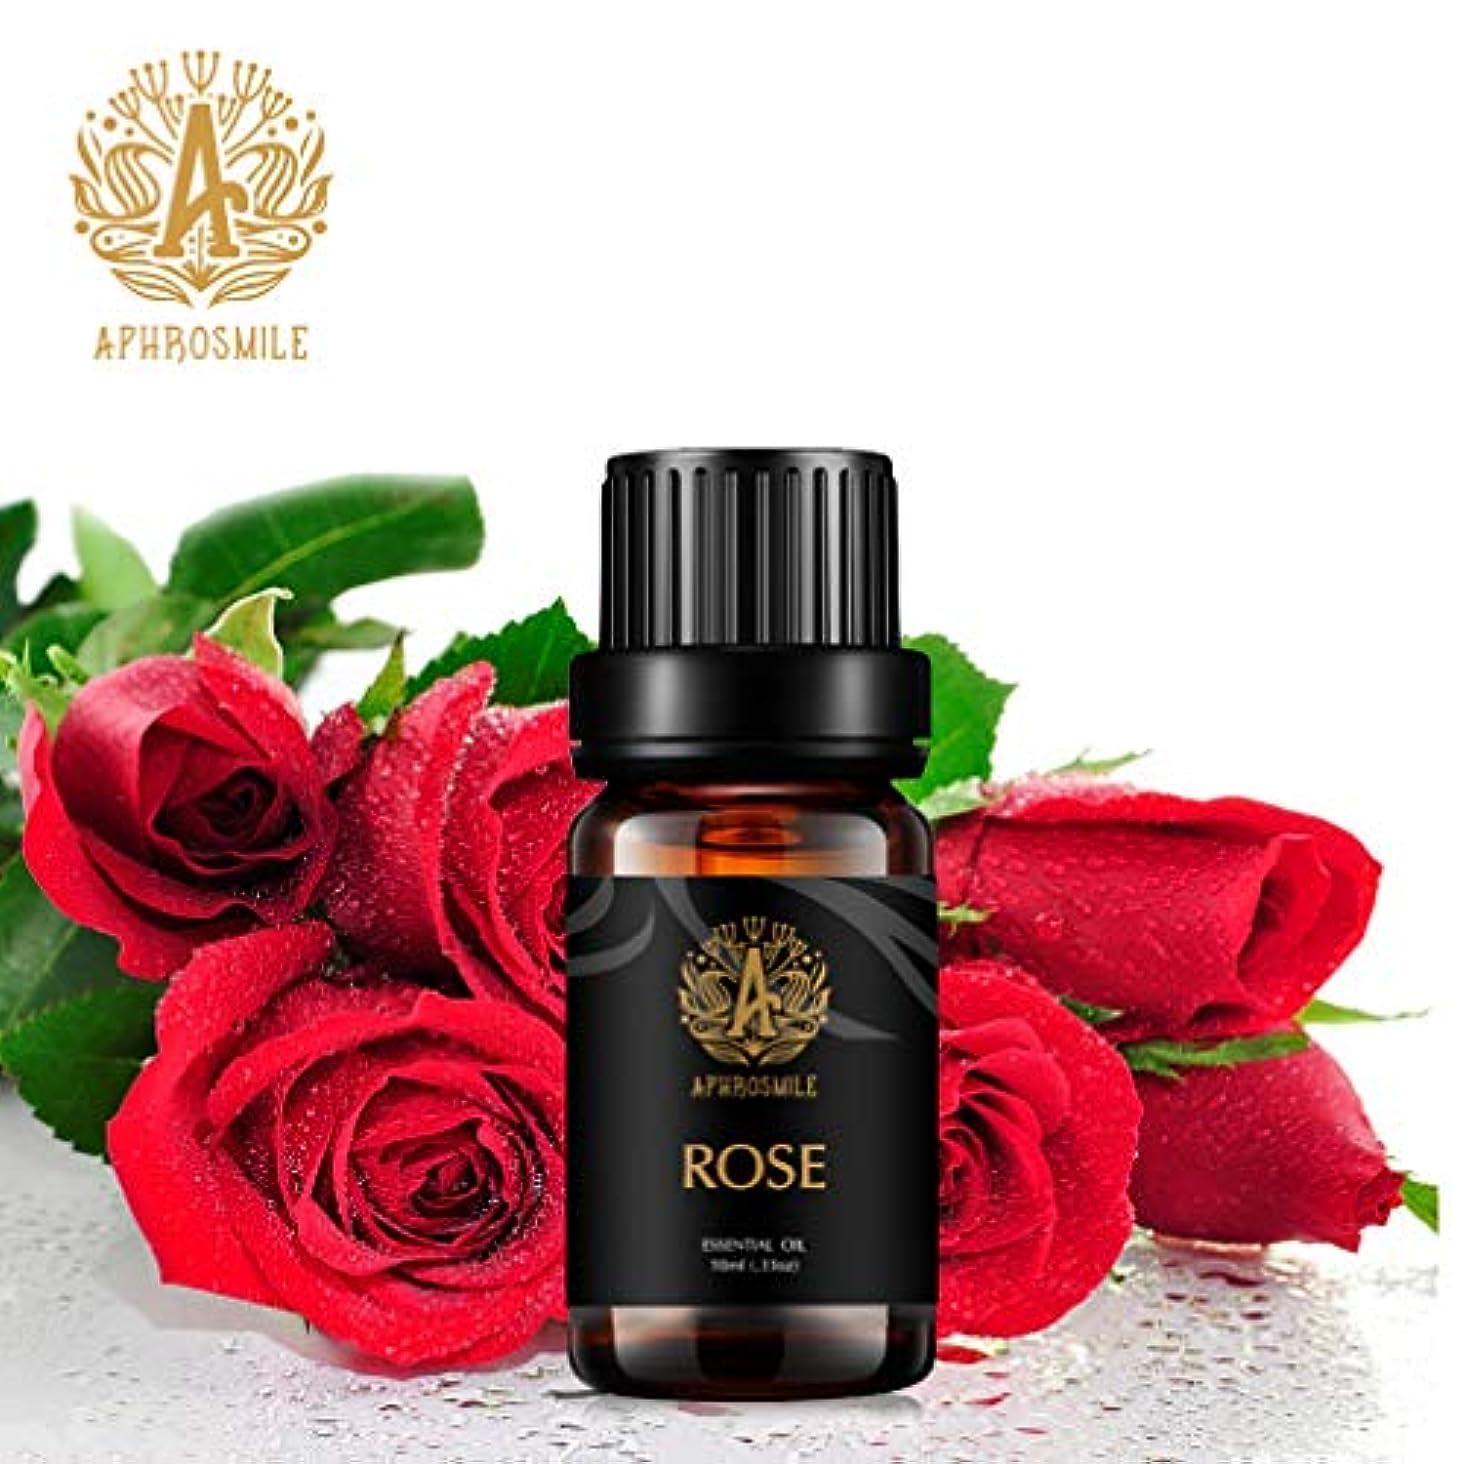 ローズエッセンシャルオイル、100%ピュアアロマセラピーエッセンシャルオイルローズの香り、肌に栄養を与え、治療用グレードエッセンシャルオイルローズの香り、為にディフューザー、マッサージ、加湿器、デイリーケア、0.33オンス...